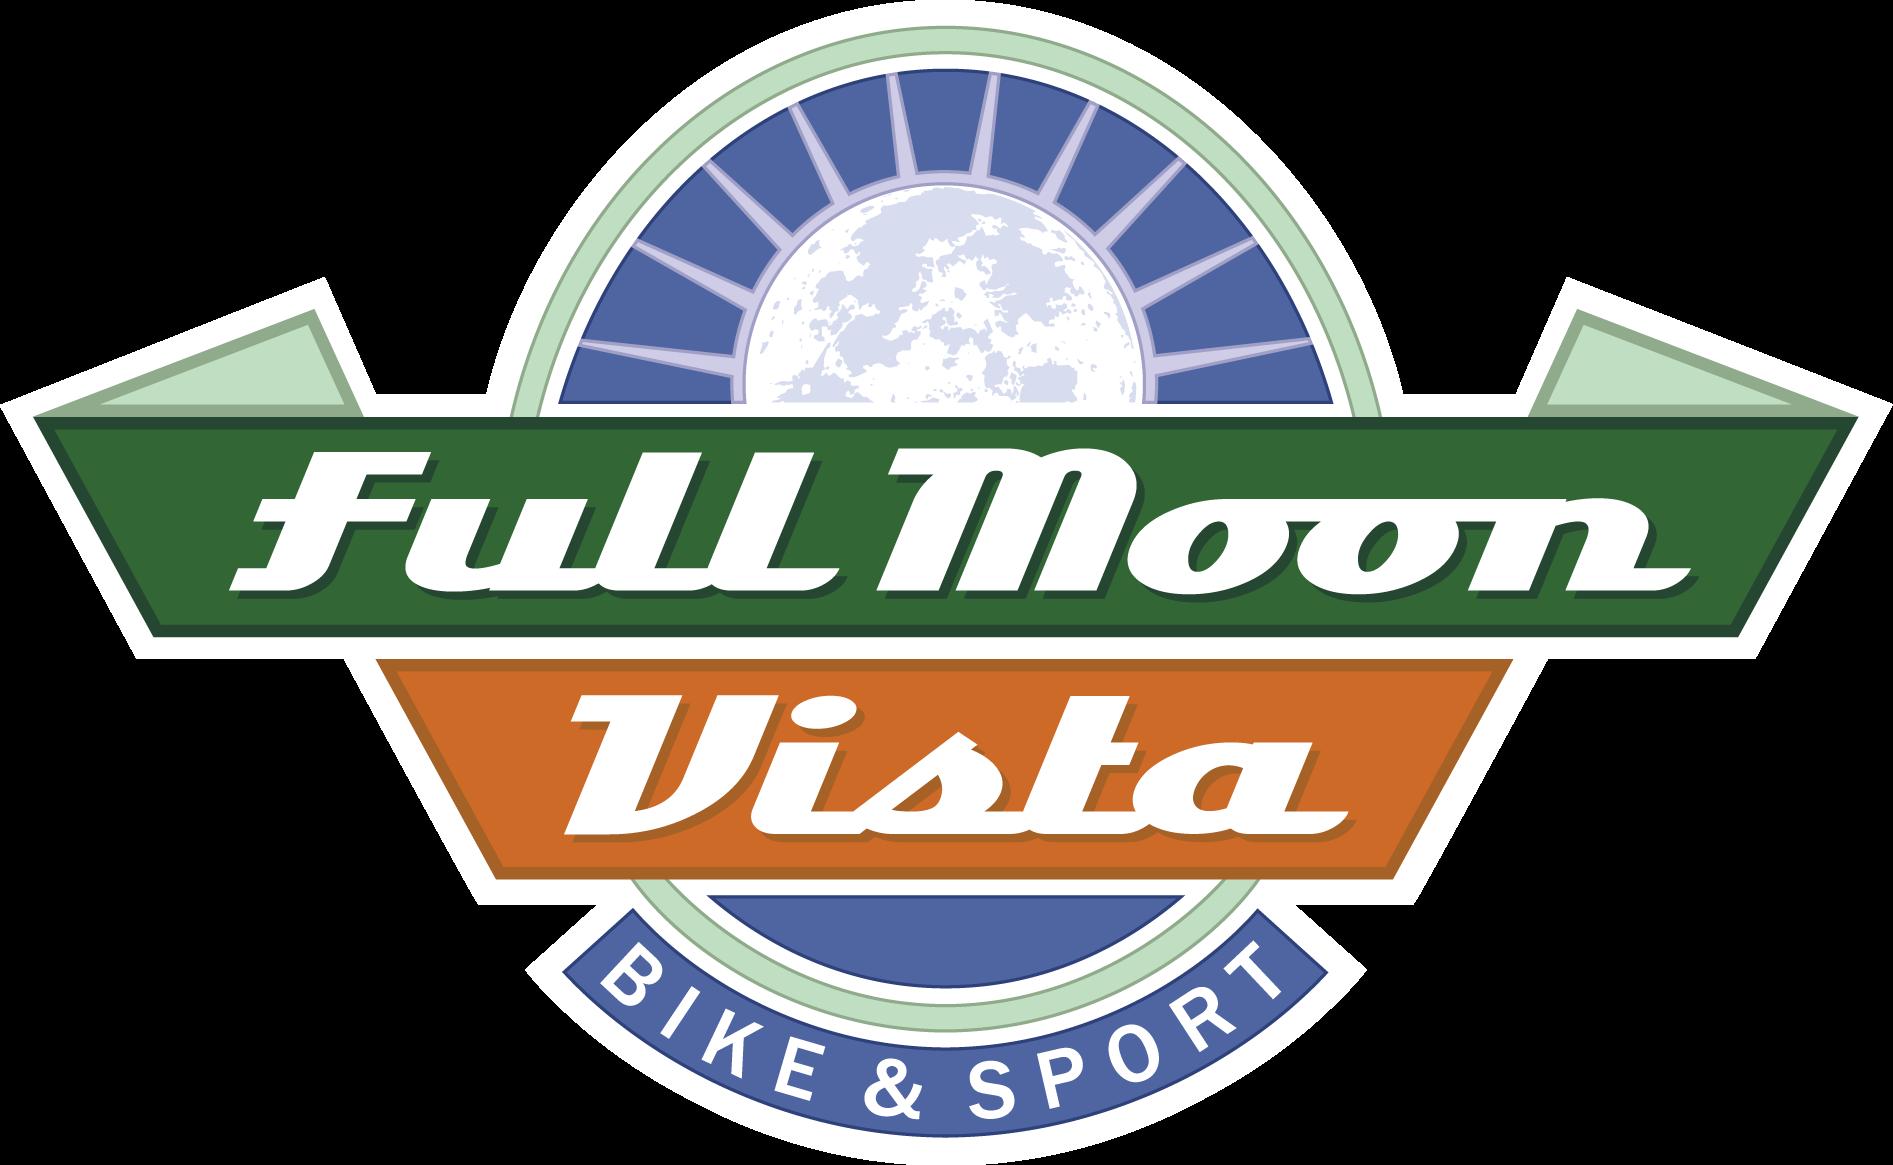 Full Moon Vista Bike & Sport